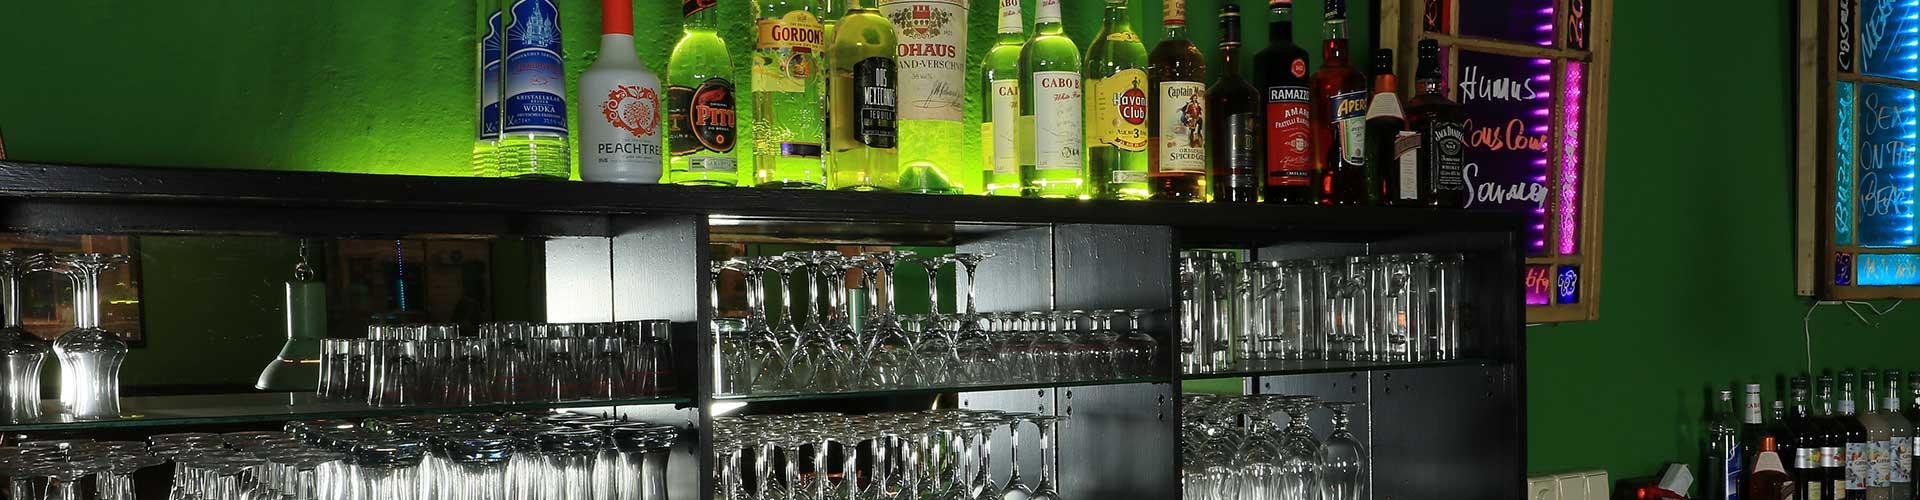 Bar Sedir KN: Cocktails und mehr